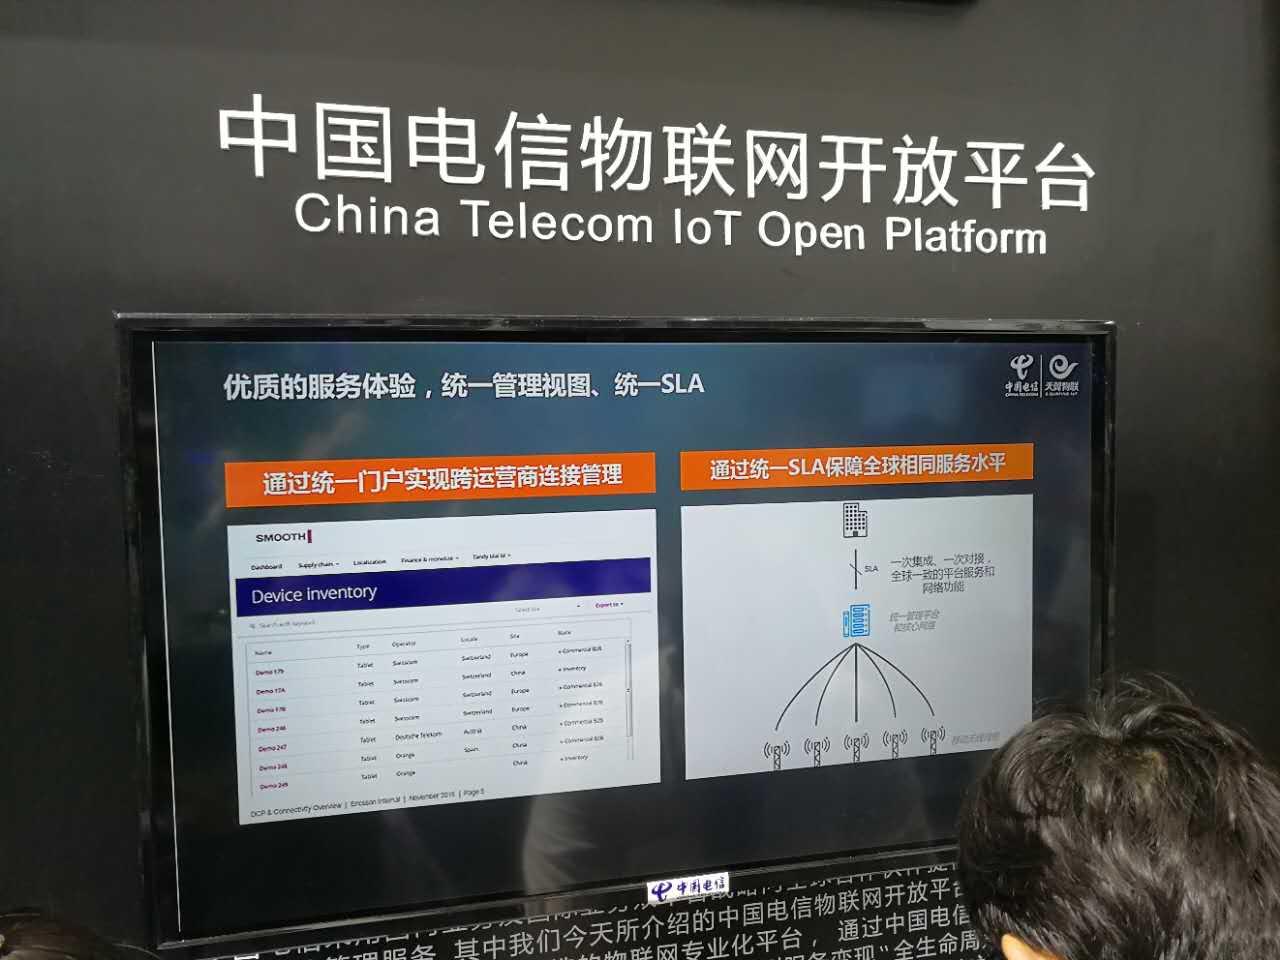 中国电信雄安新区NB-IoT建设 部分项目试点成功并投入使用